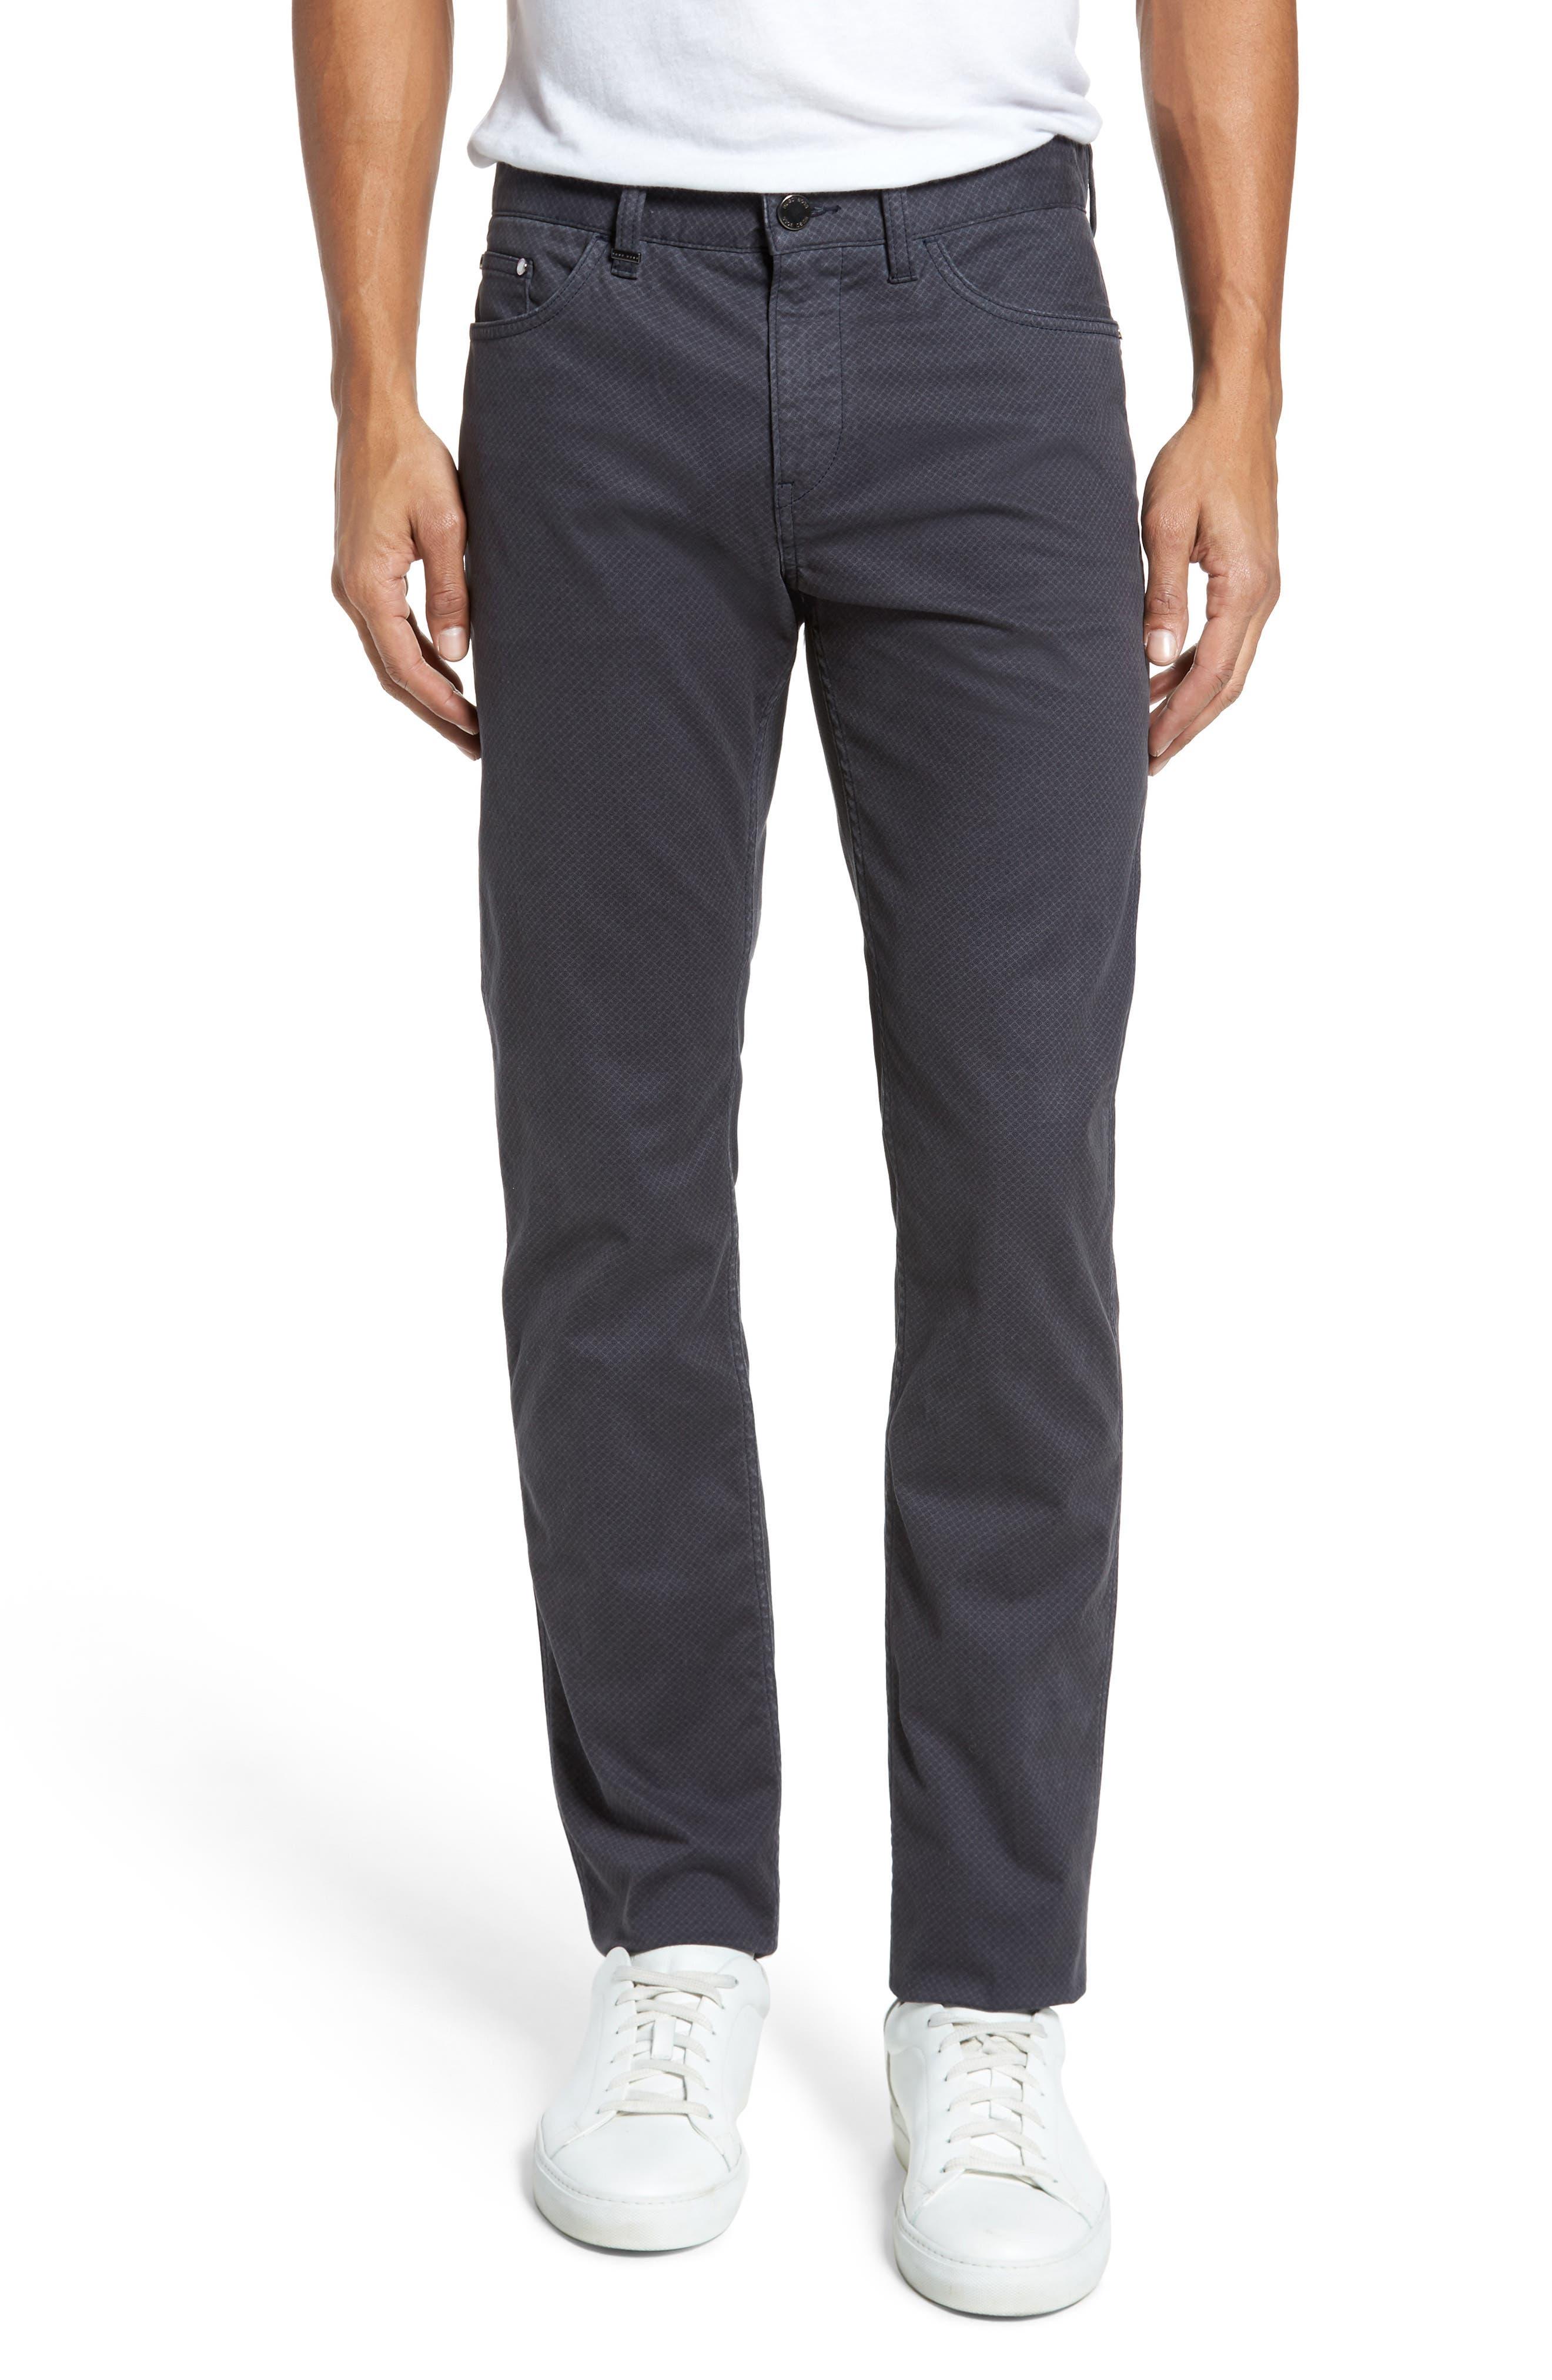 Delaware Slim Fit Pants,                         Main,                         color, 022